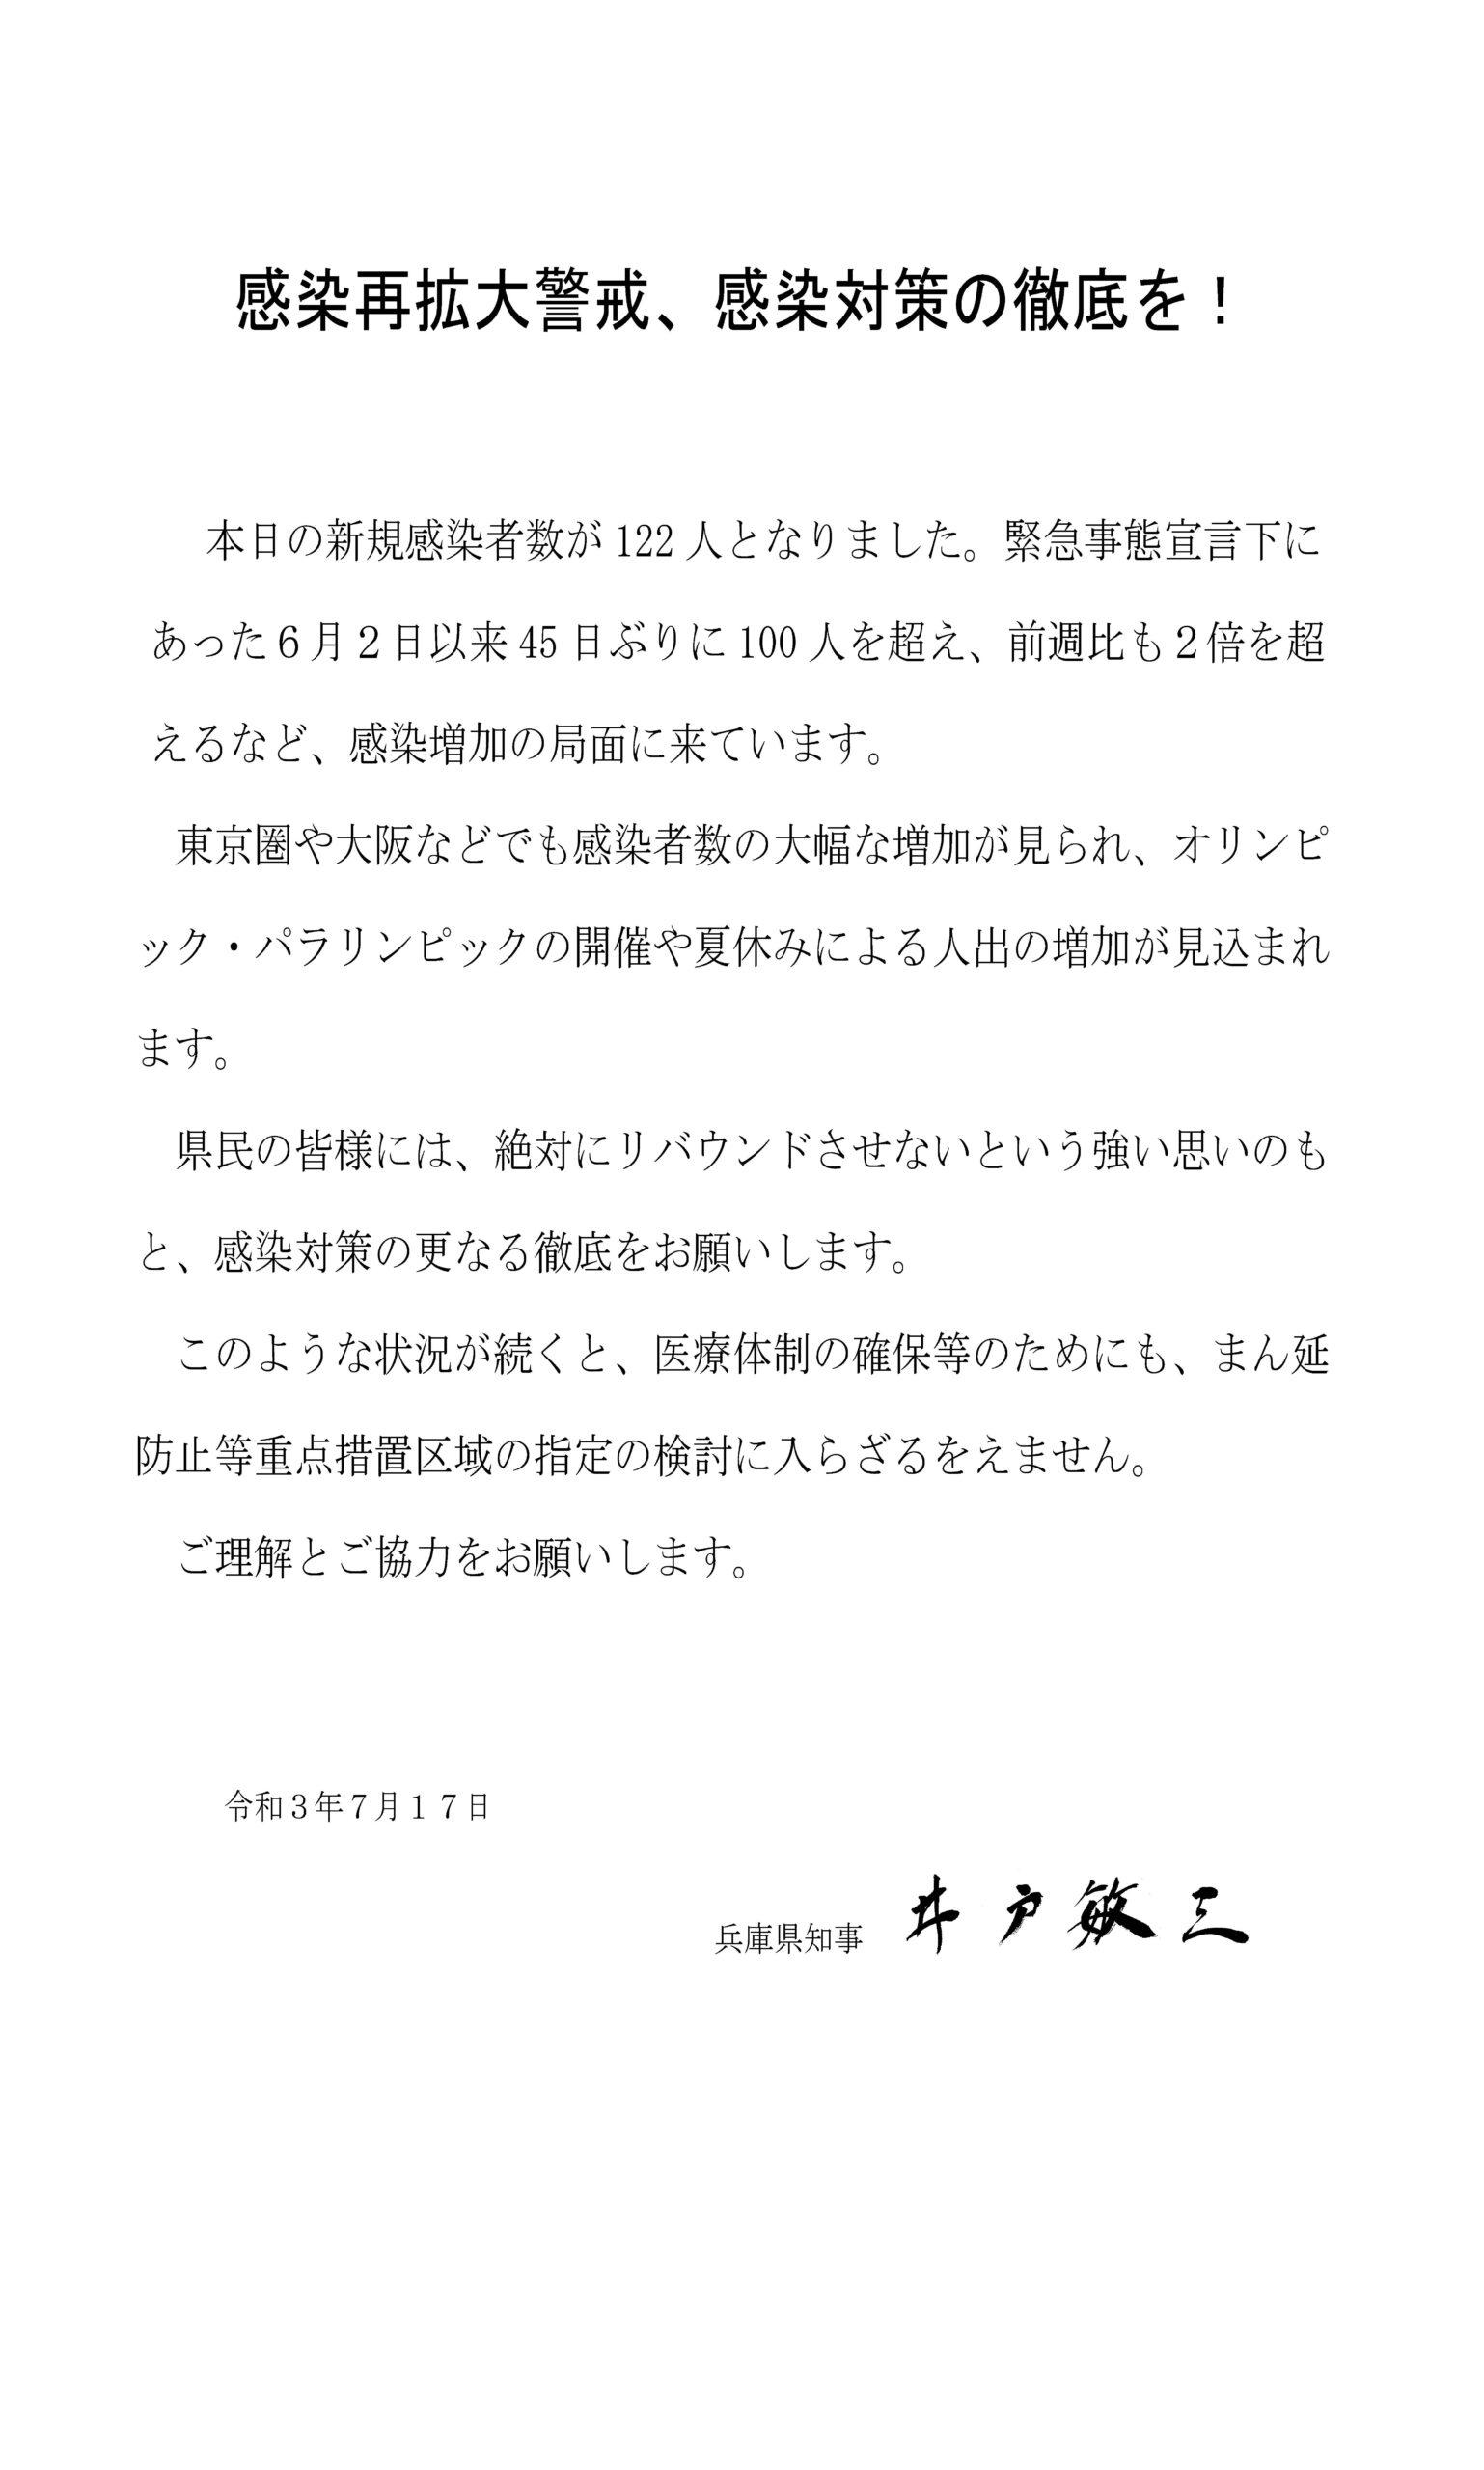 知事メッセージ(令和3年7月17日)